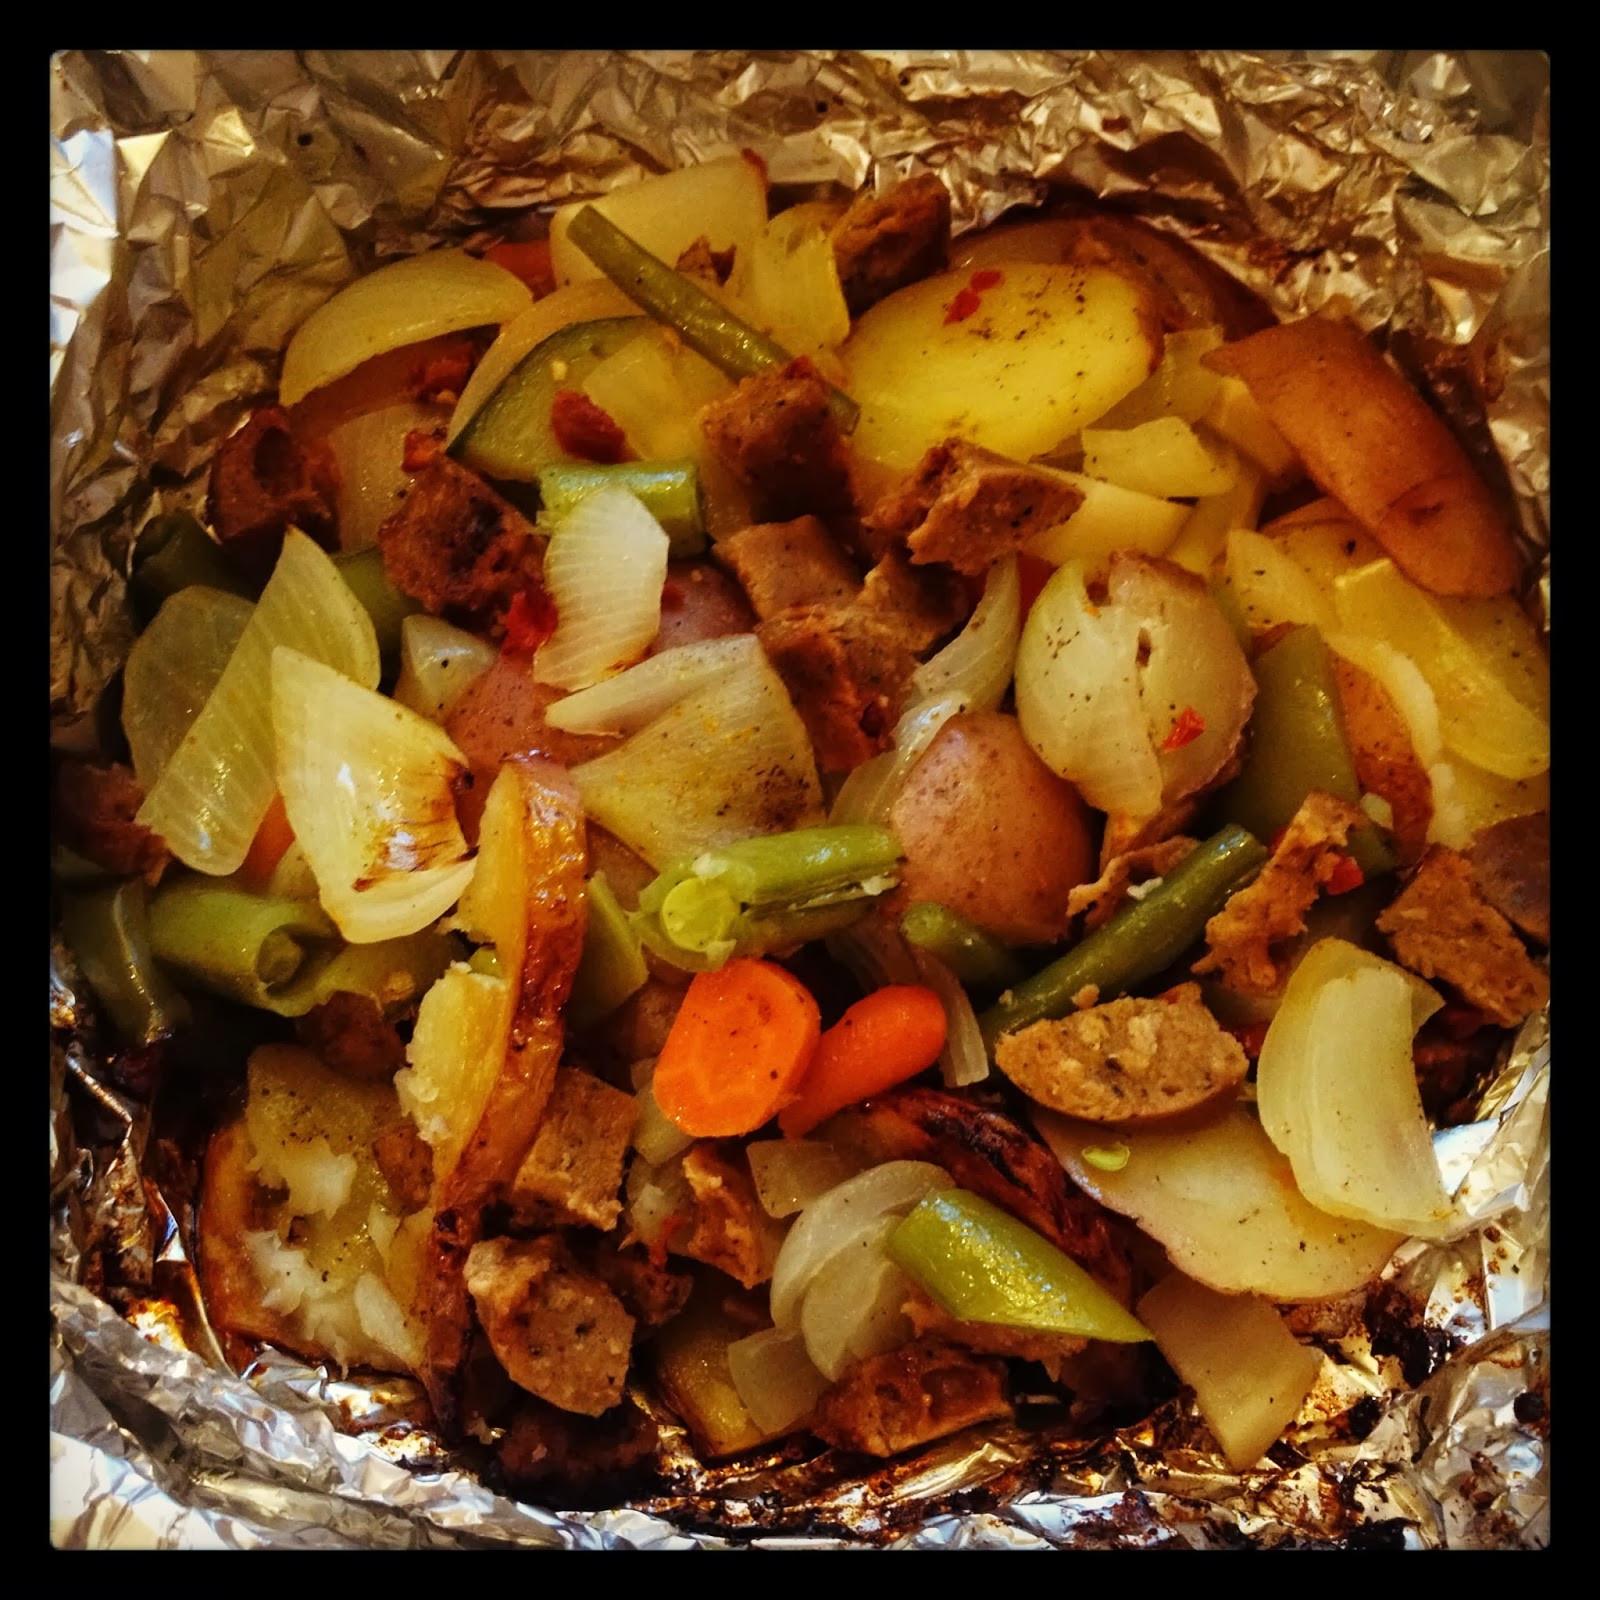 Campfire Dinner Recipes  East Meets West Veg Campfire Dinner Ve arian Foil Packets